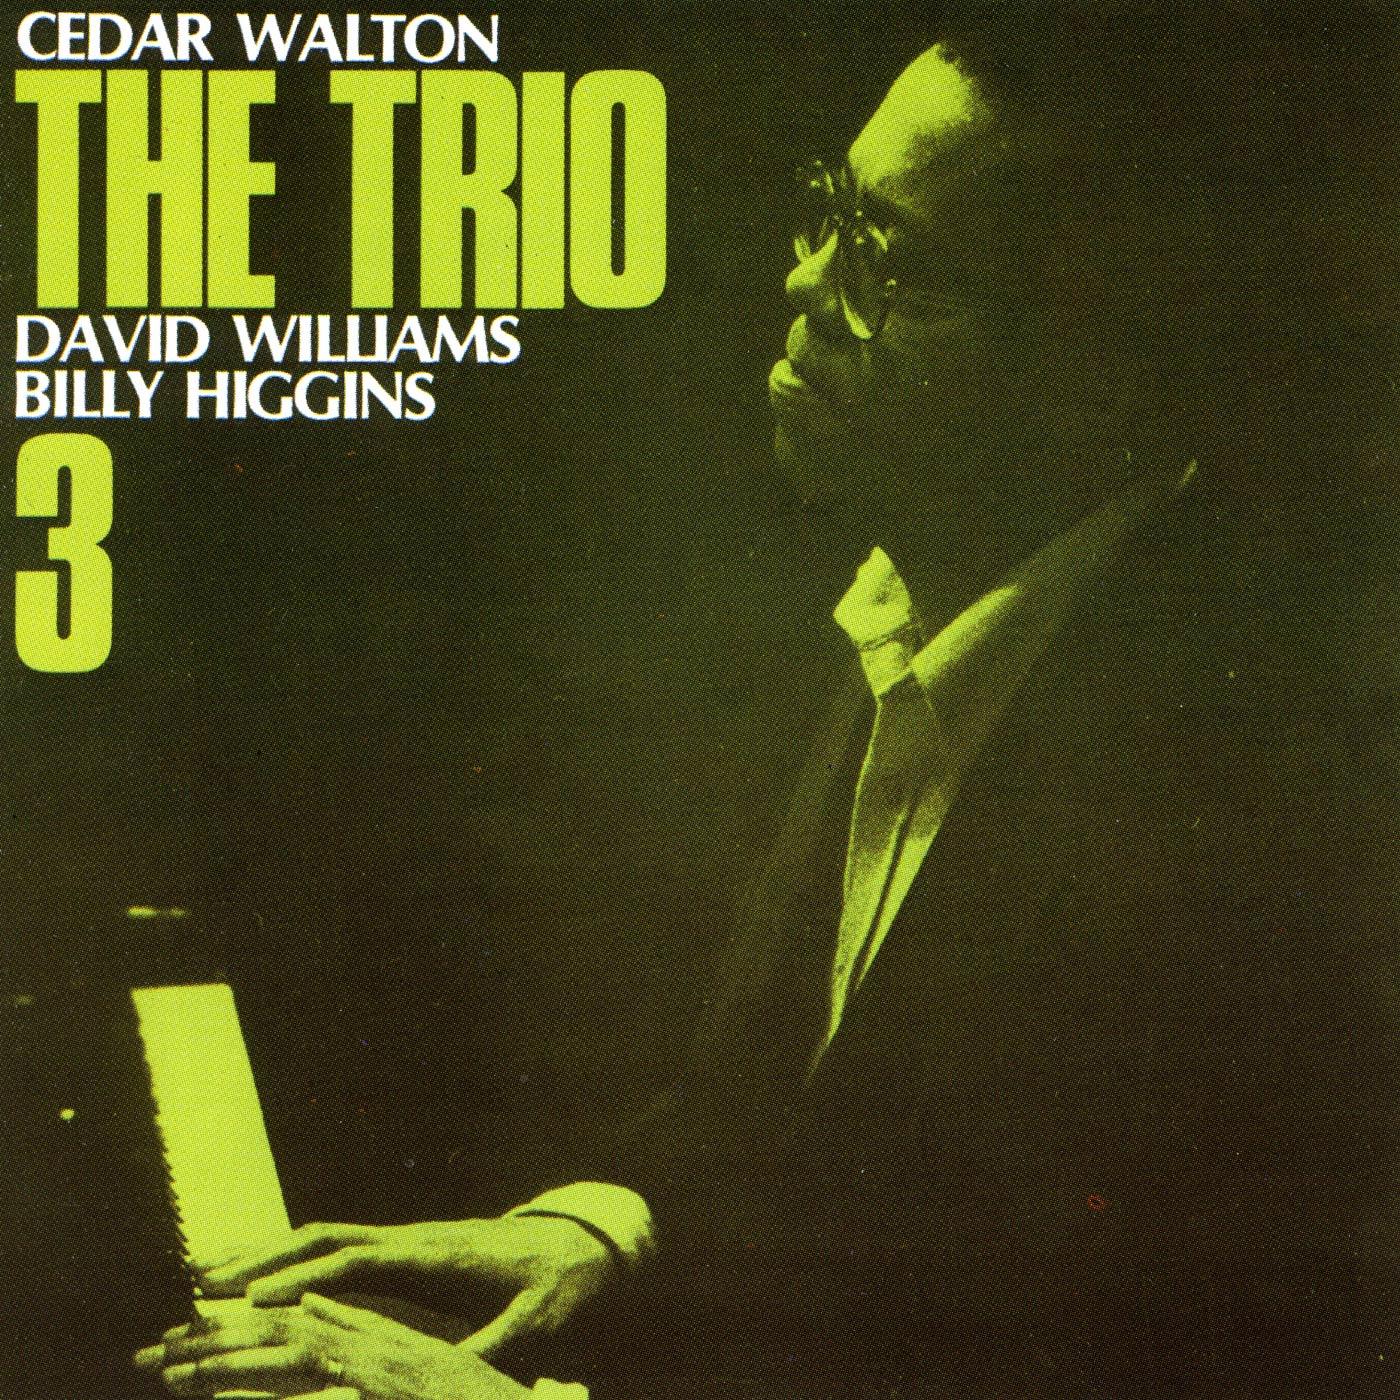 The Trio - Vol.3 - Cedar Walton